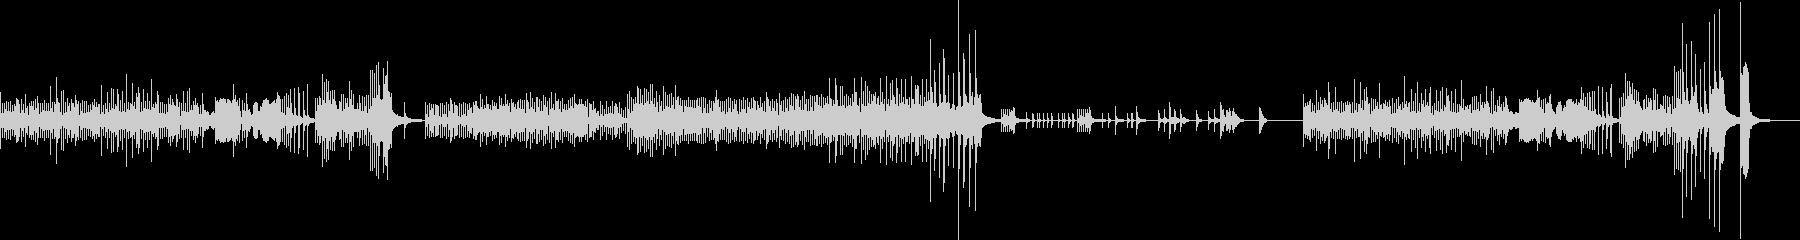 2台の鍵盤打楽器とチェロのトリオの未再生の波形